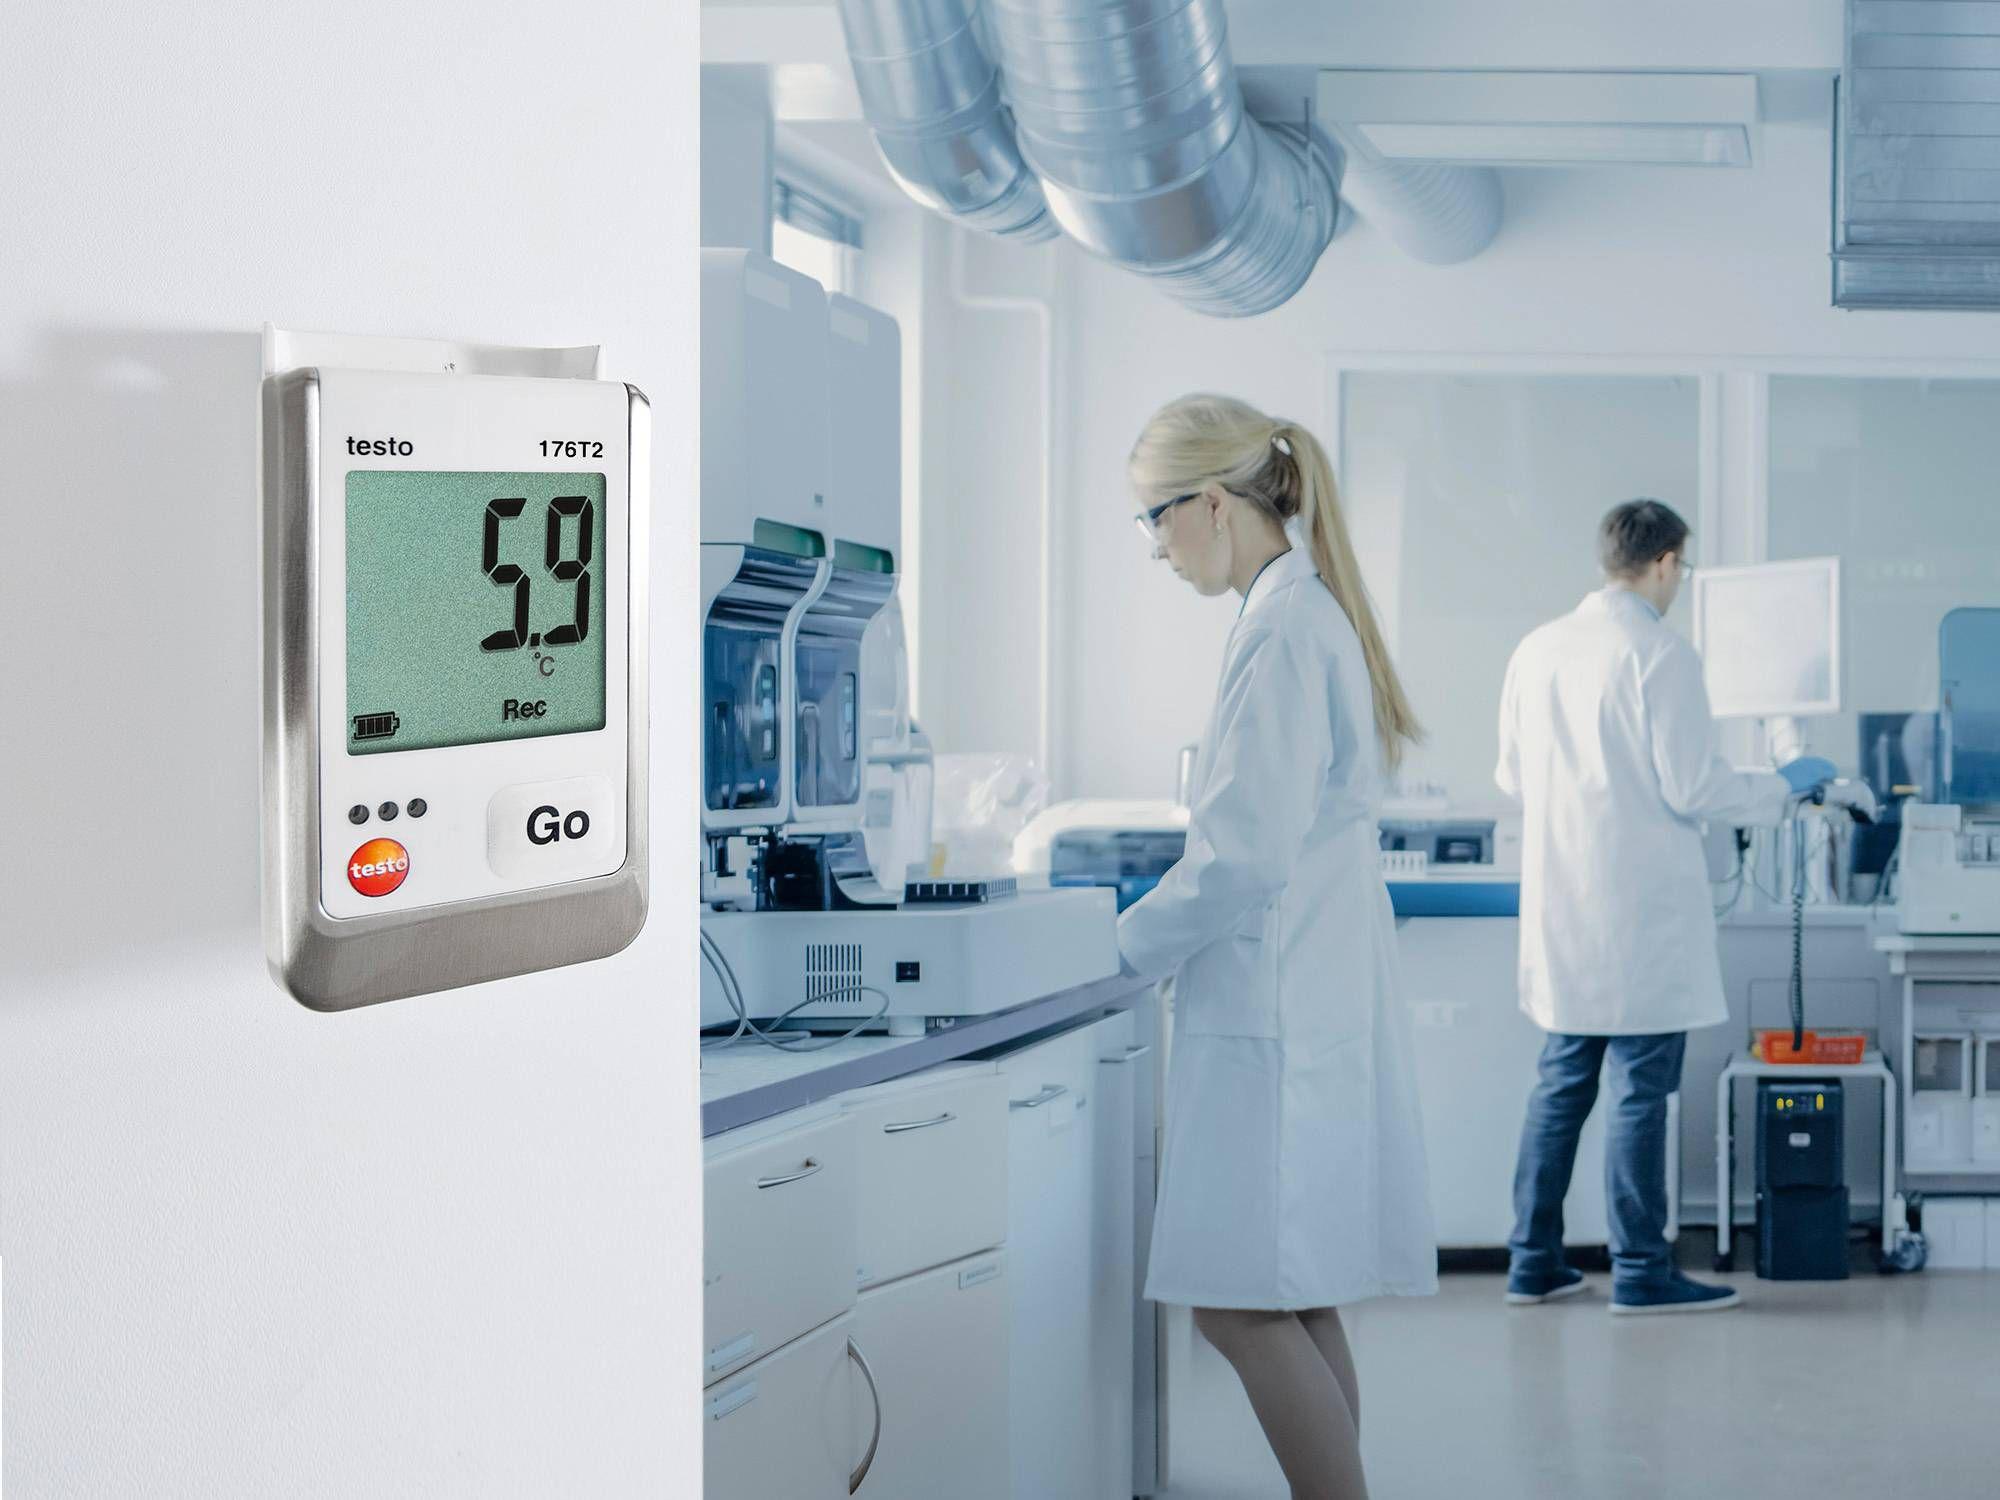 Un data logger monitora la temperatura in un laboratorio